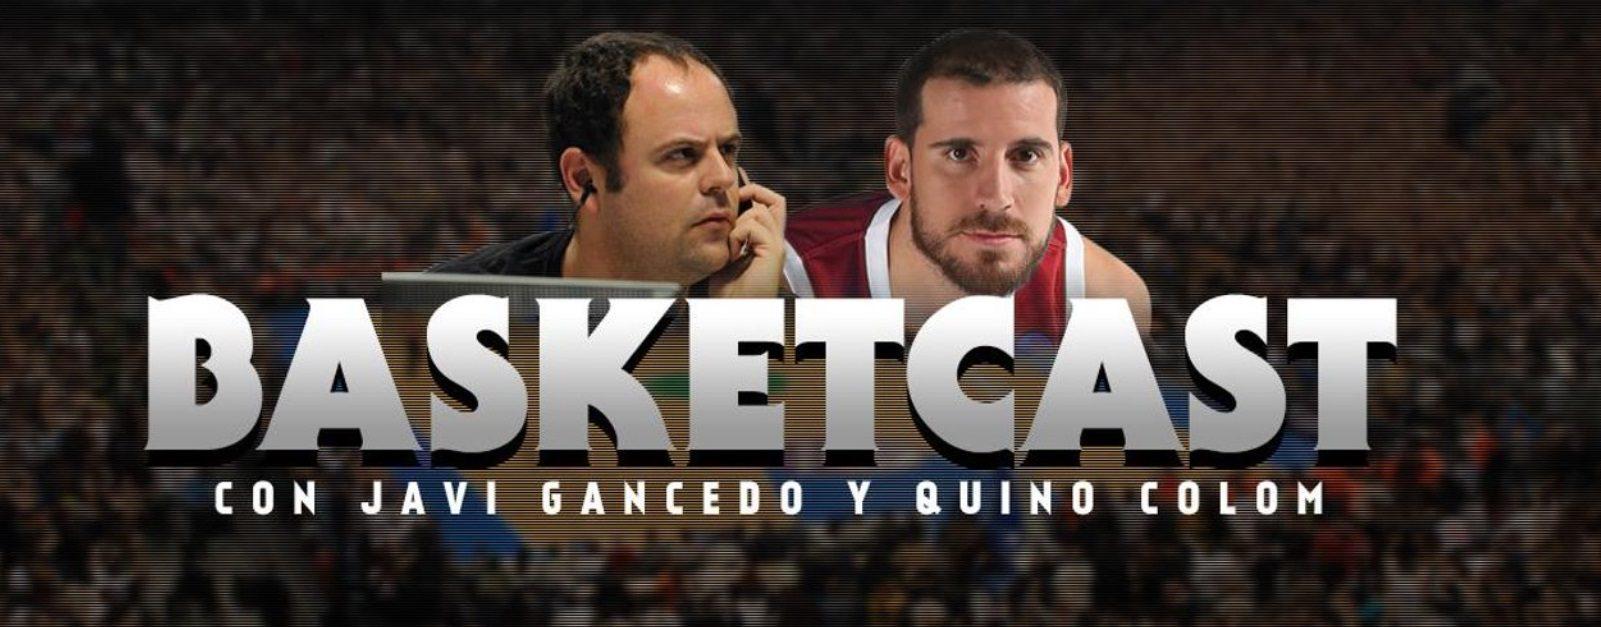 Nuevo episodio de BasketCast: Javi Gancedo y Quino Colom con Josep Franch (Podcast)